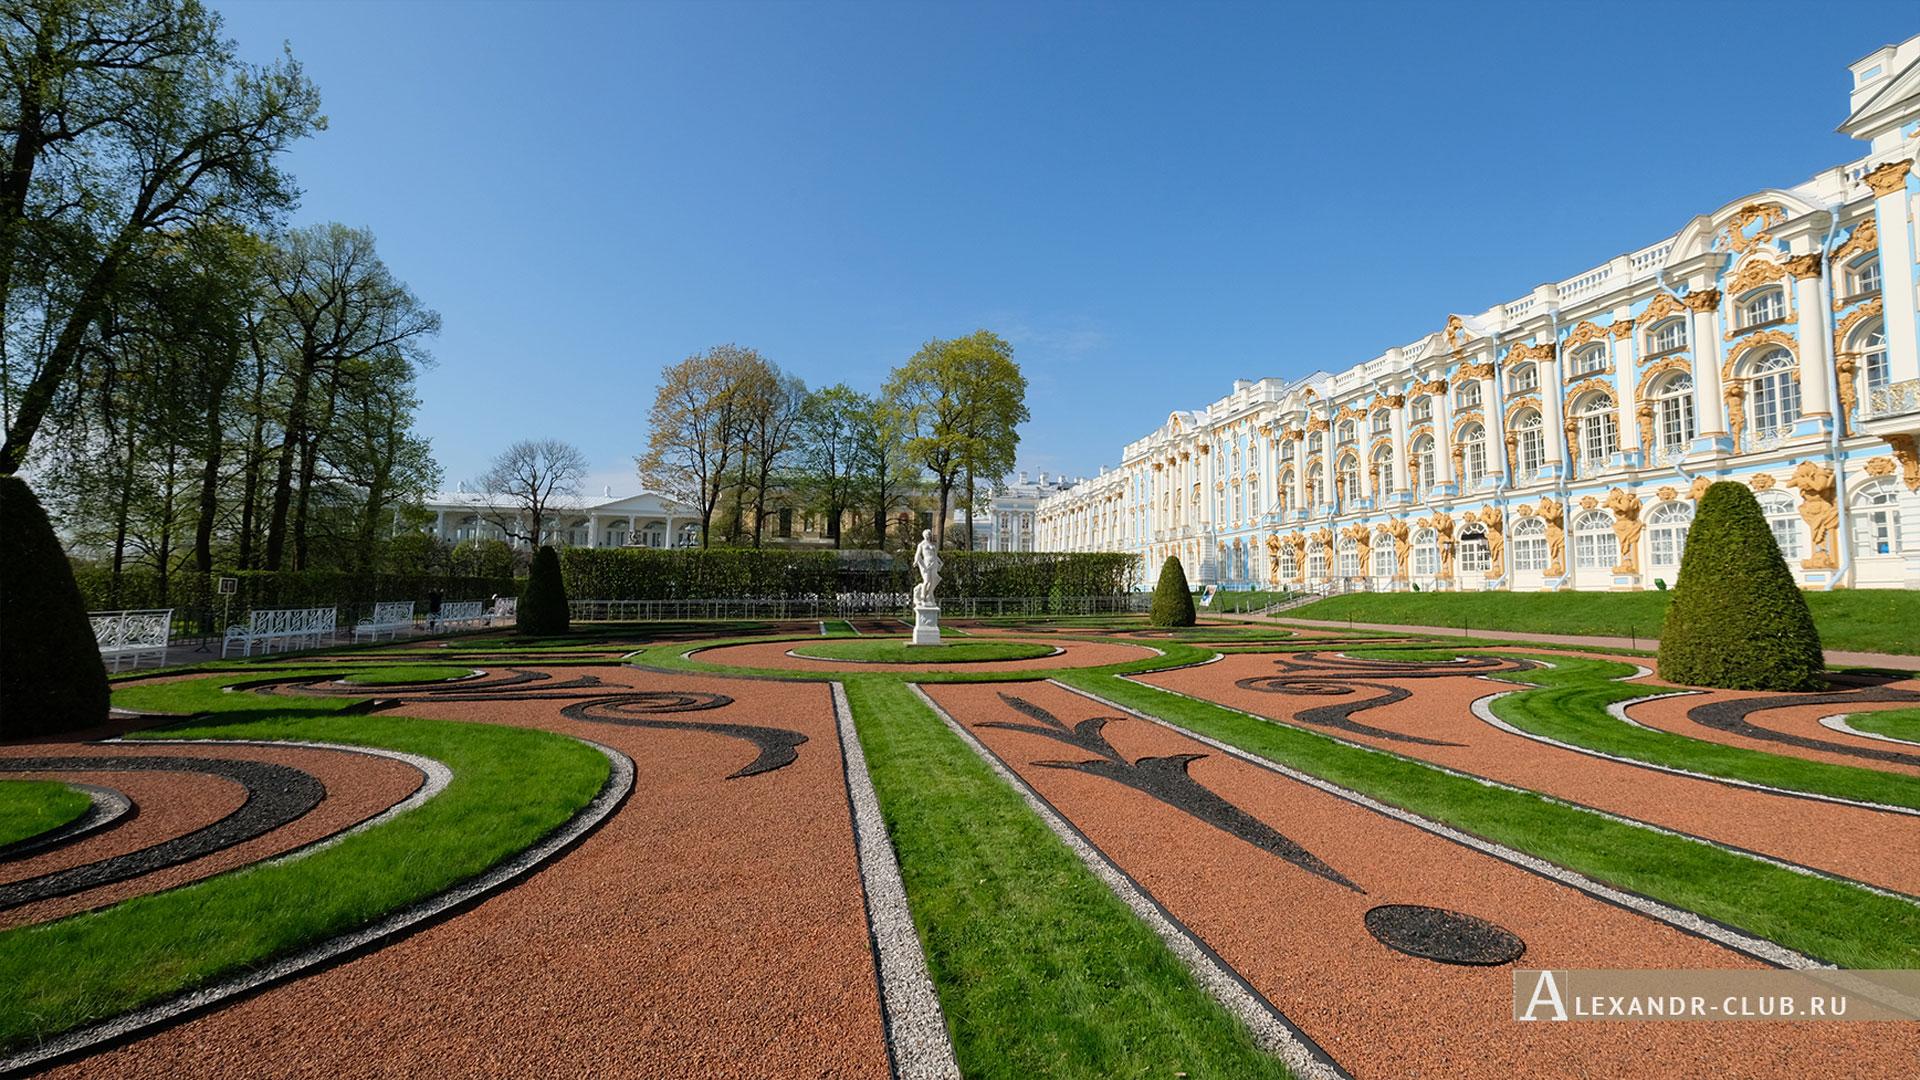 Царское Село, весна, Екатерининский парк, Екатерининский дворец